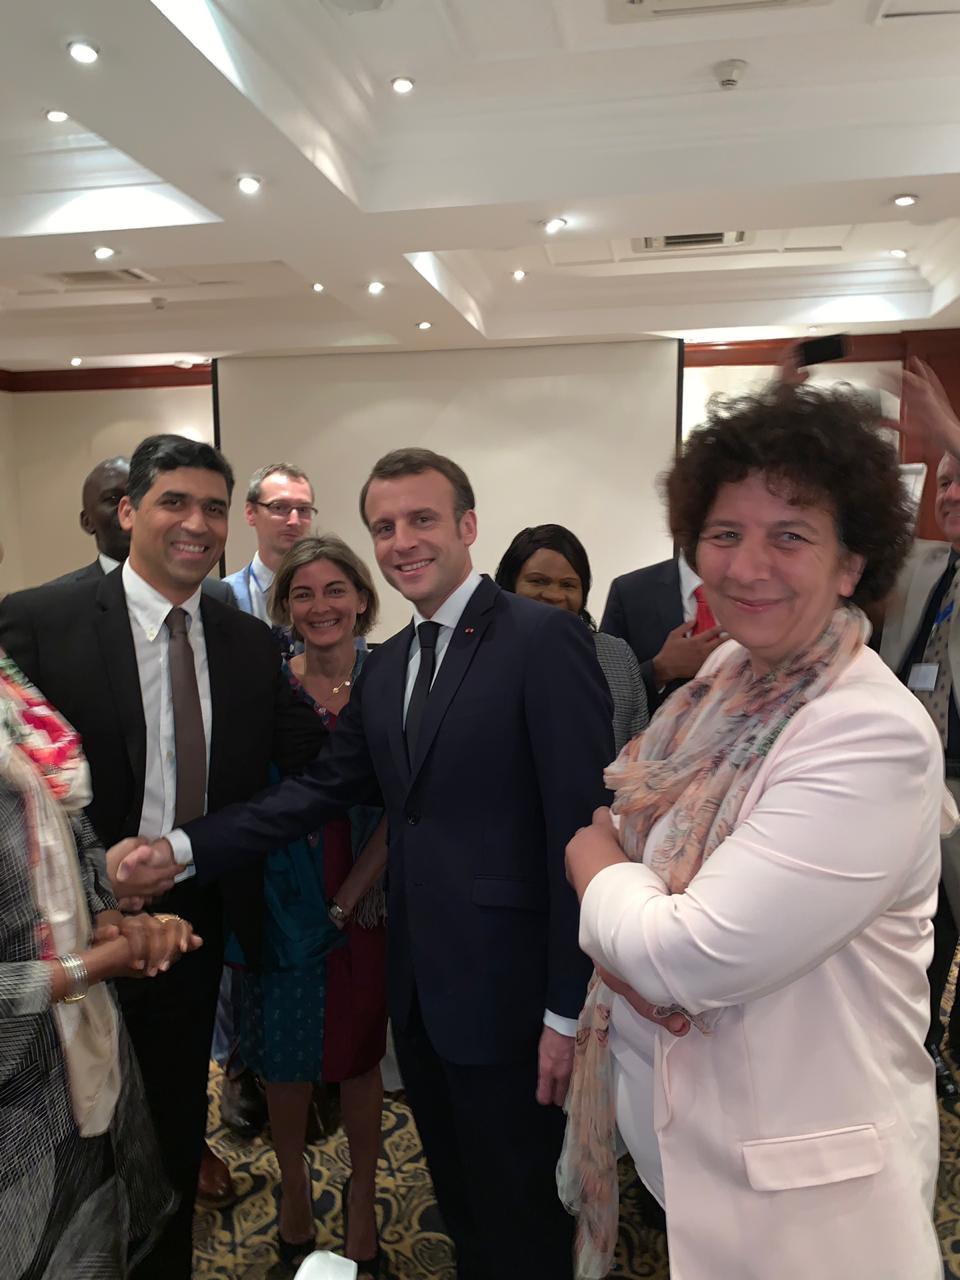 En compagnie du président Emmanuel Macron, et e Frédérique Vidal, Ministre de l'Enseignement supérieur, de la Recherche et de l'Innovation